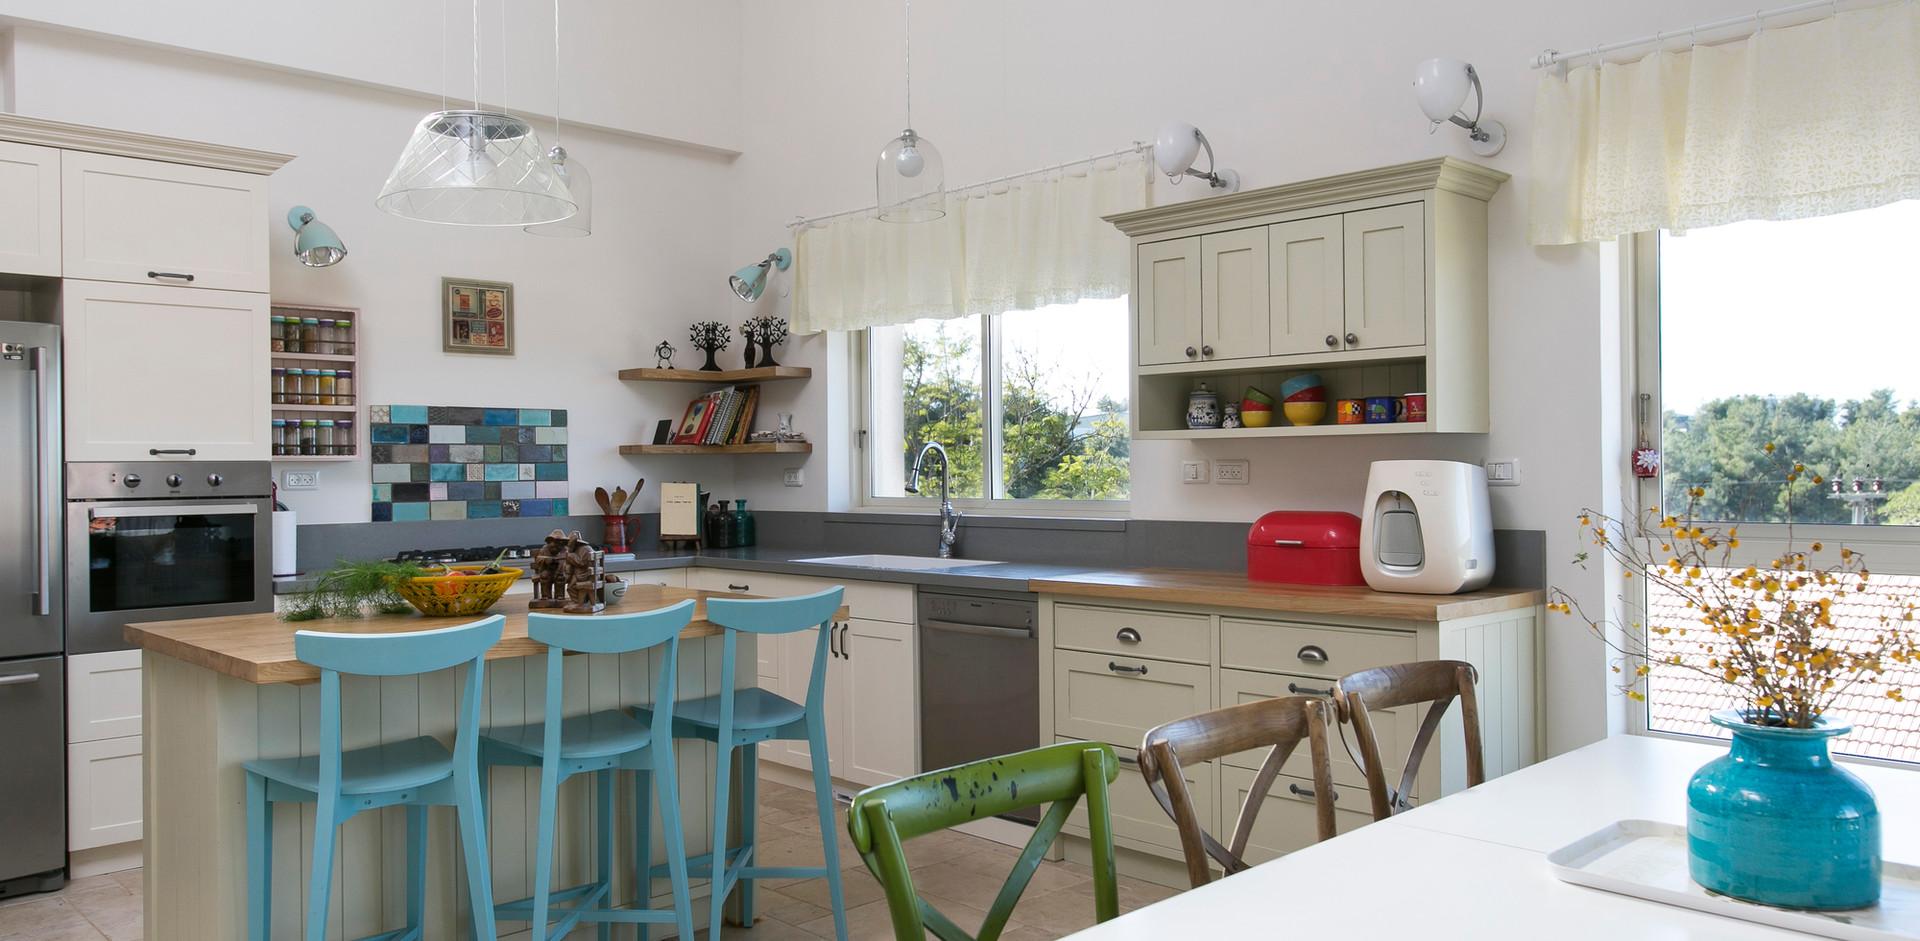 מטבח הבית - גם הוא חלק מהחלל  הפתוח- כפרי ושקט.